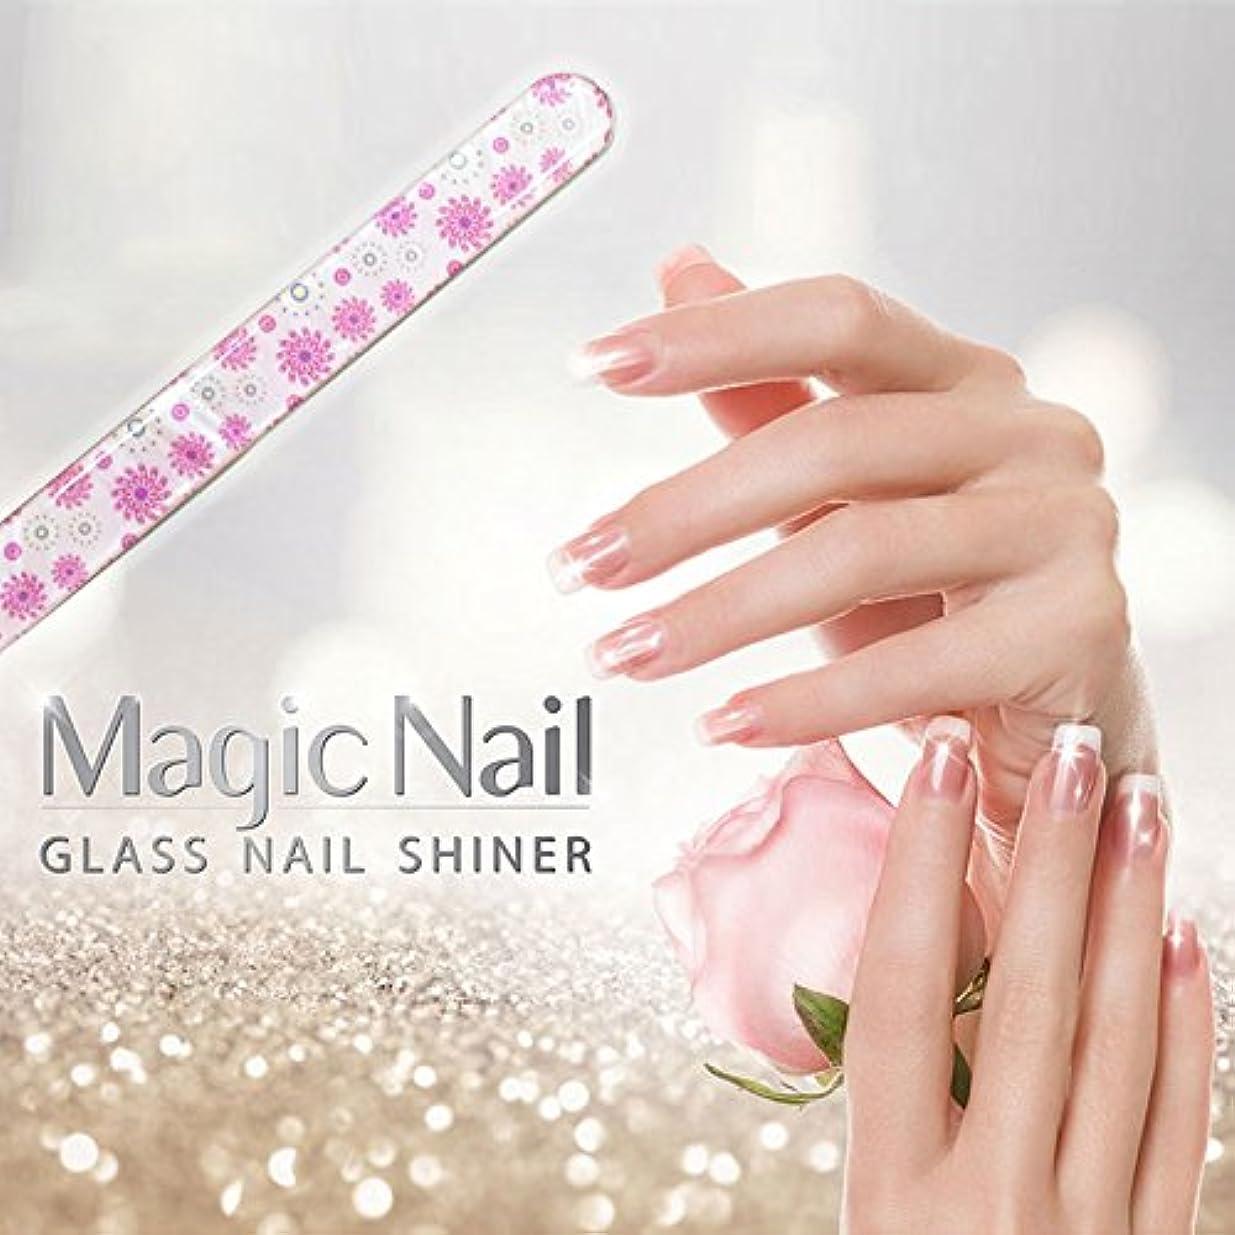 白い嫌がらせ揃えるエッサンテ(Essante) マジックネイル magic nail マニキュアを塗ったようなツヤ、輝きが家で誰でも簡単に出来る glass nail shiner ガラスネイルシャイナー おしゃれなデザイン つめやすり ツメヤスリ バッファー